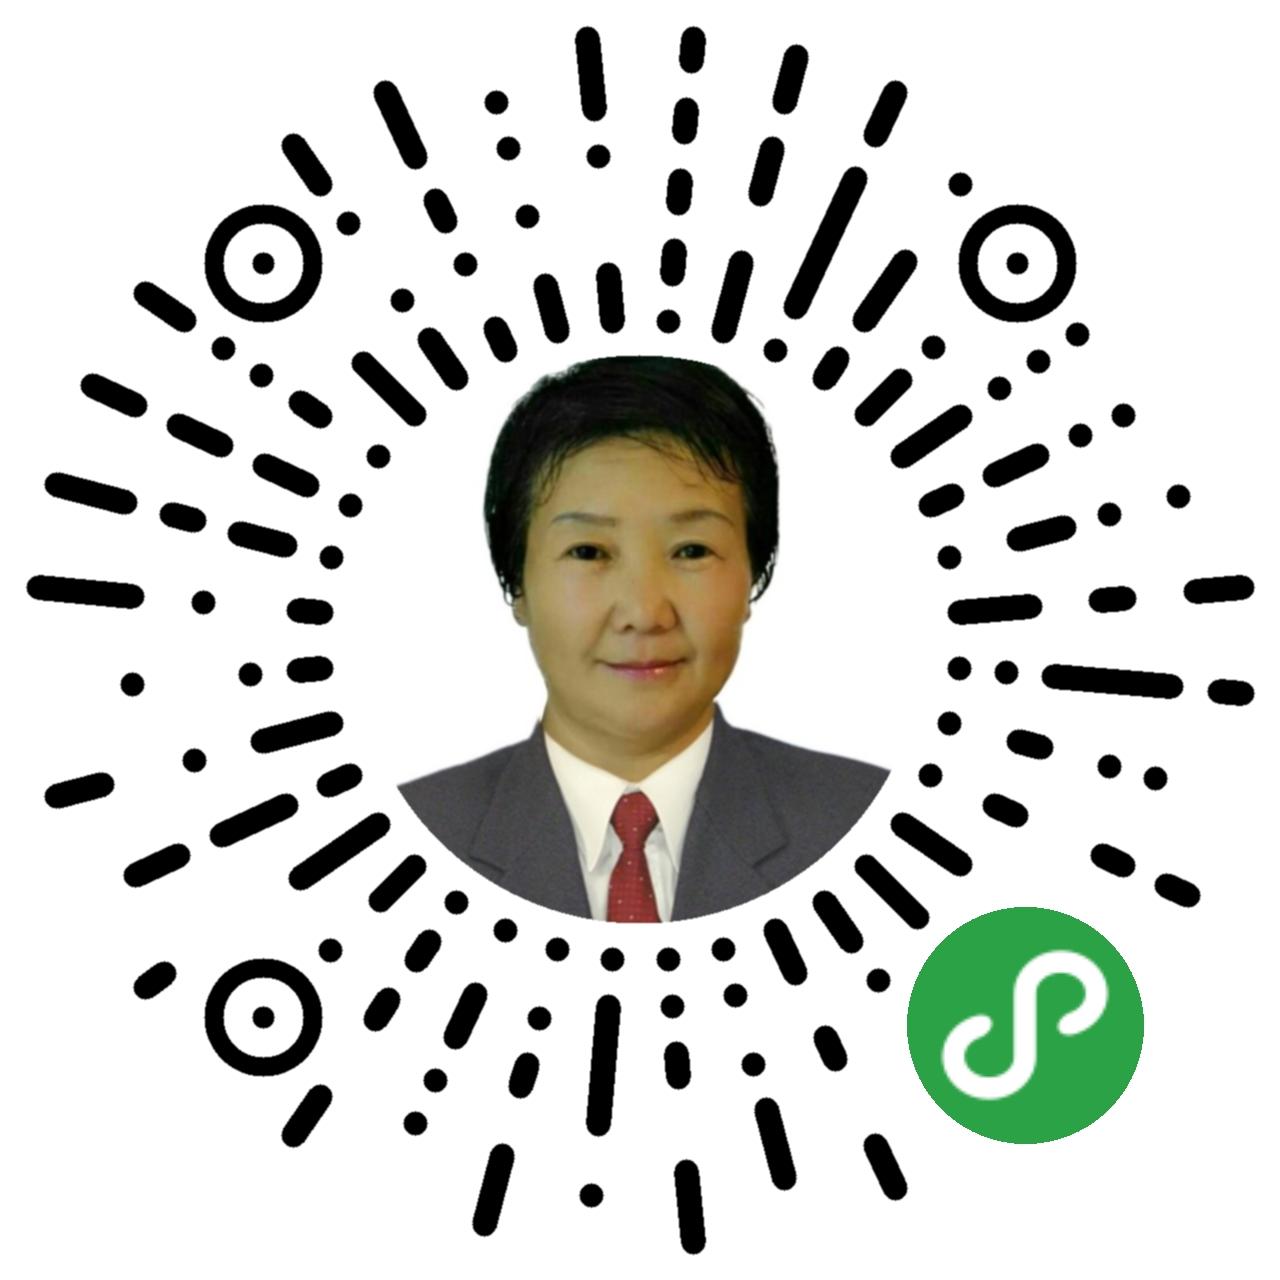 沧州合同婚姻律师刘素荣二维码